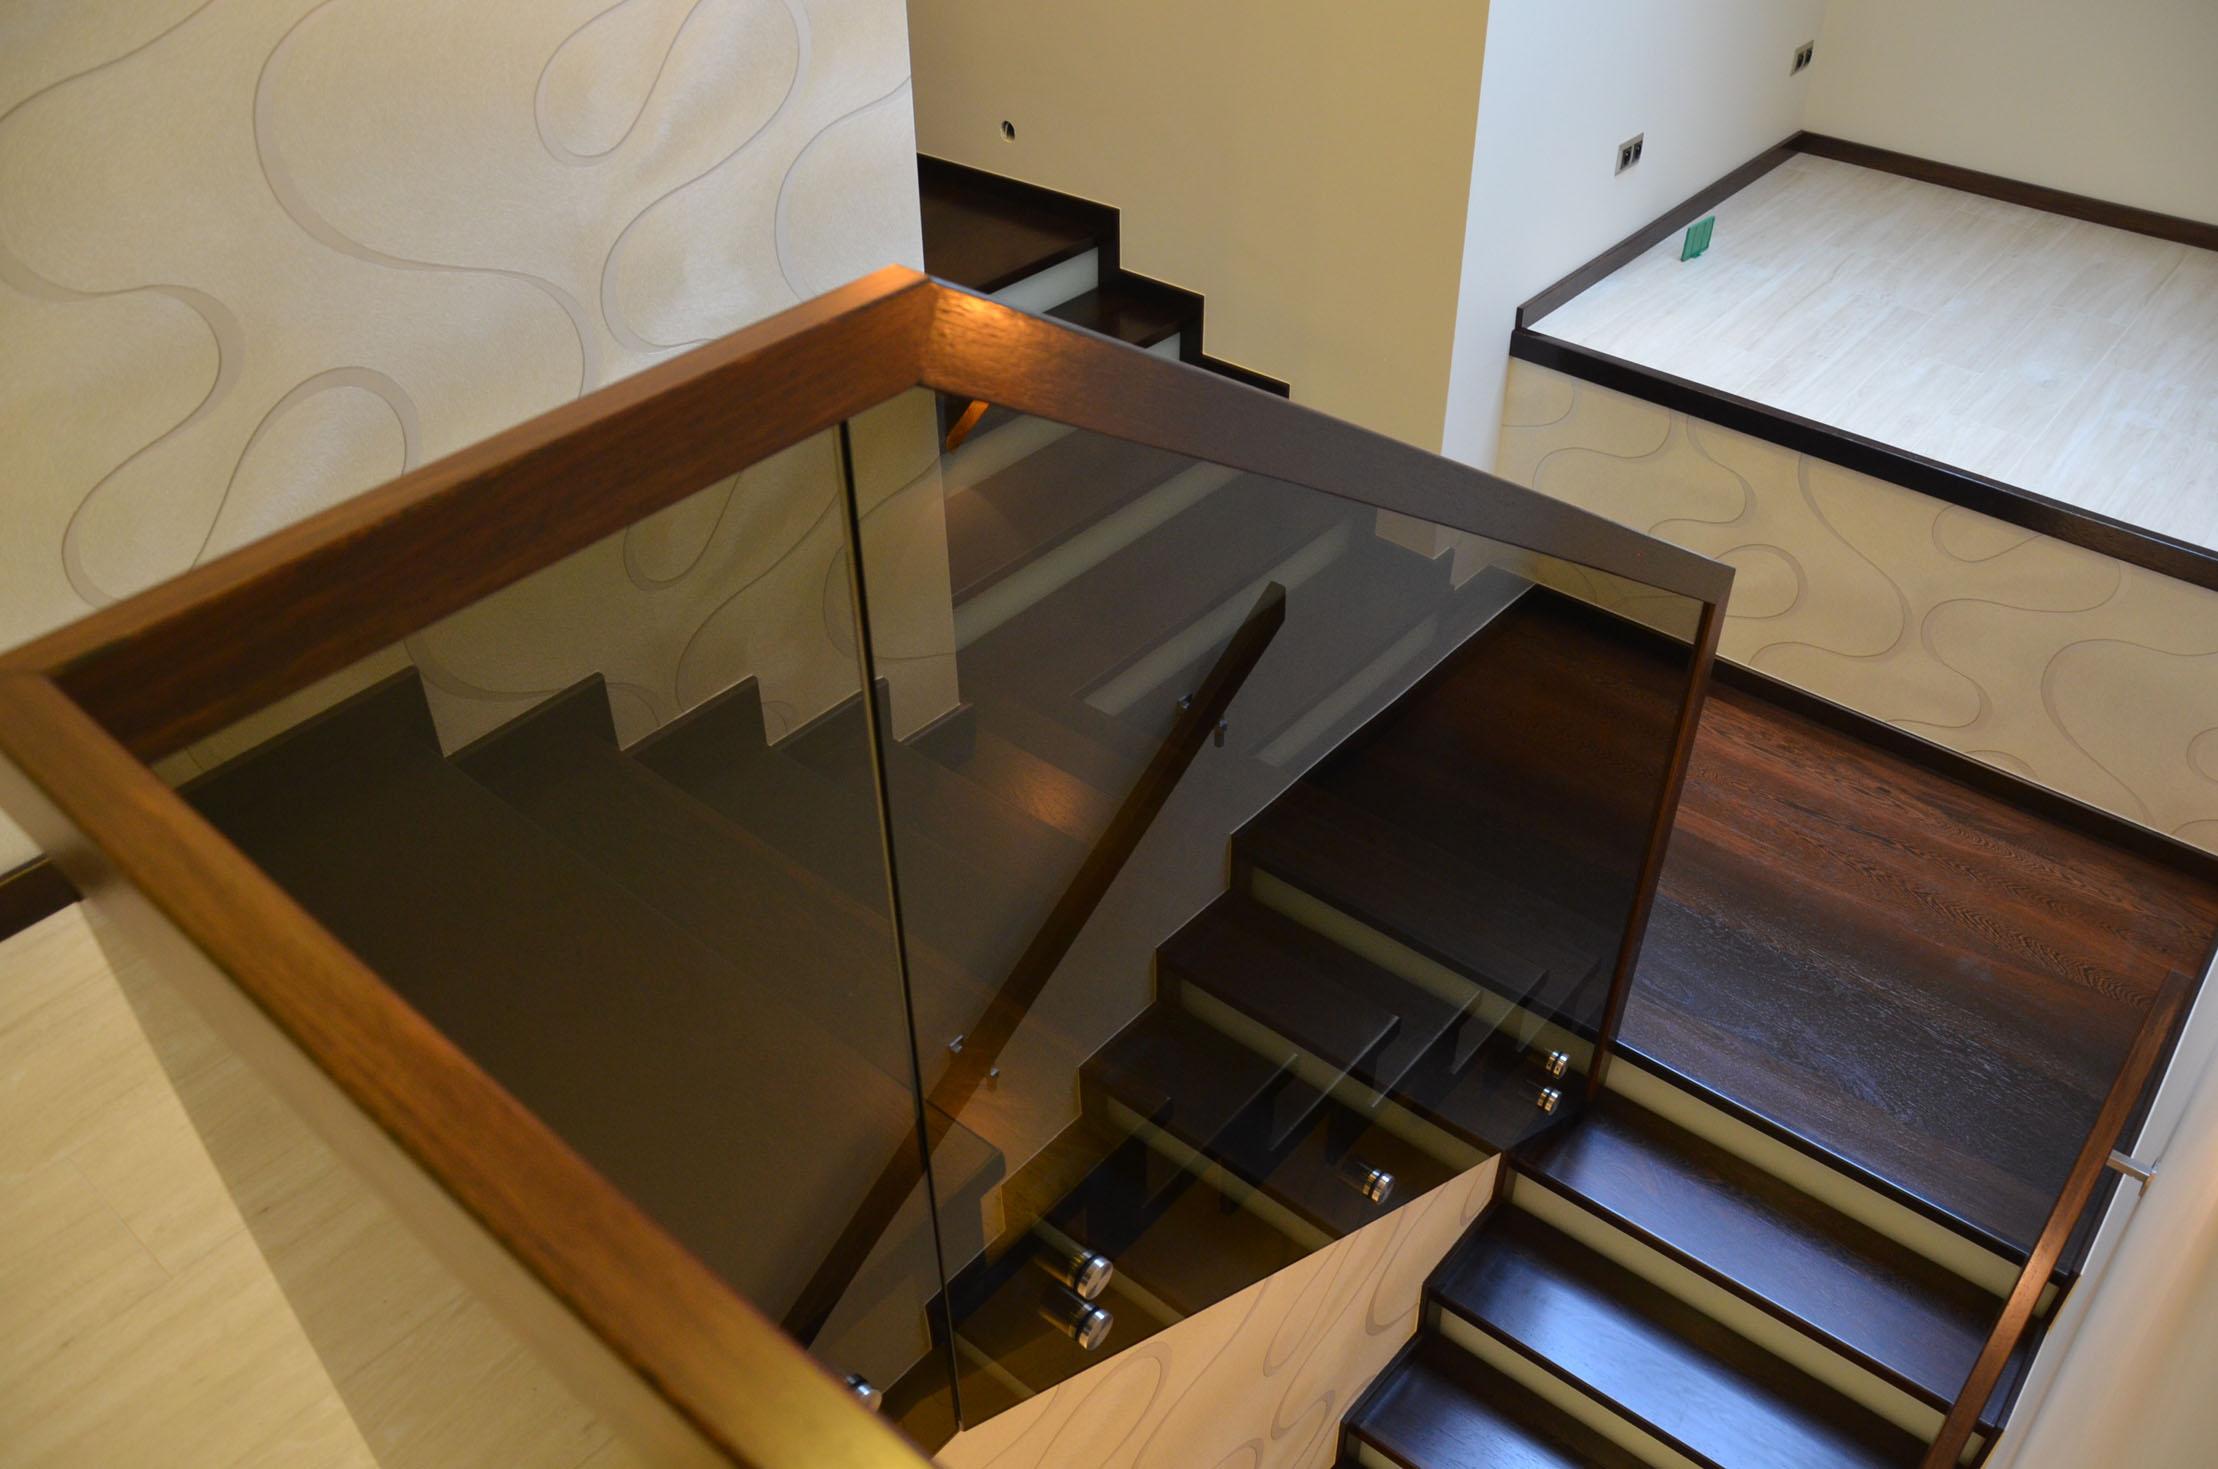 schody-swiecace-podstopnice-7